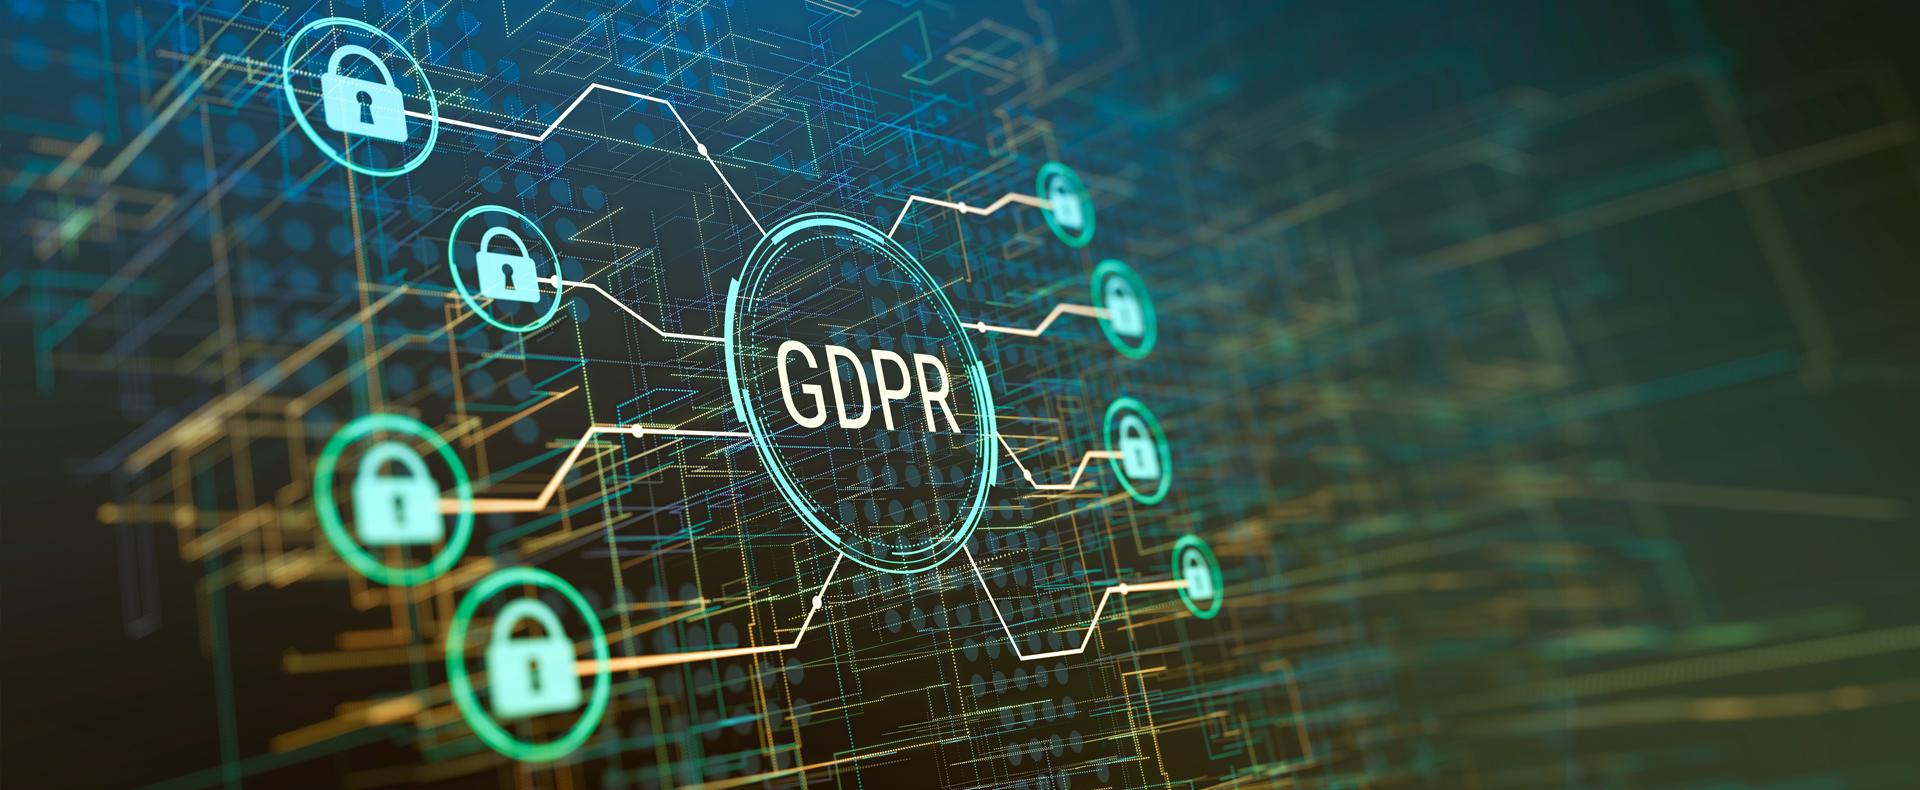 GDPR La tua azienda è pronta?Renditi Compliant alla nuova norma sulla Privacy della U.E.